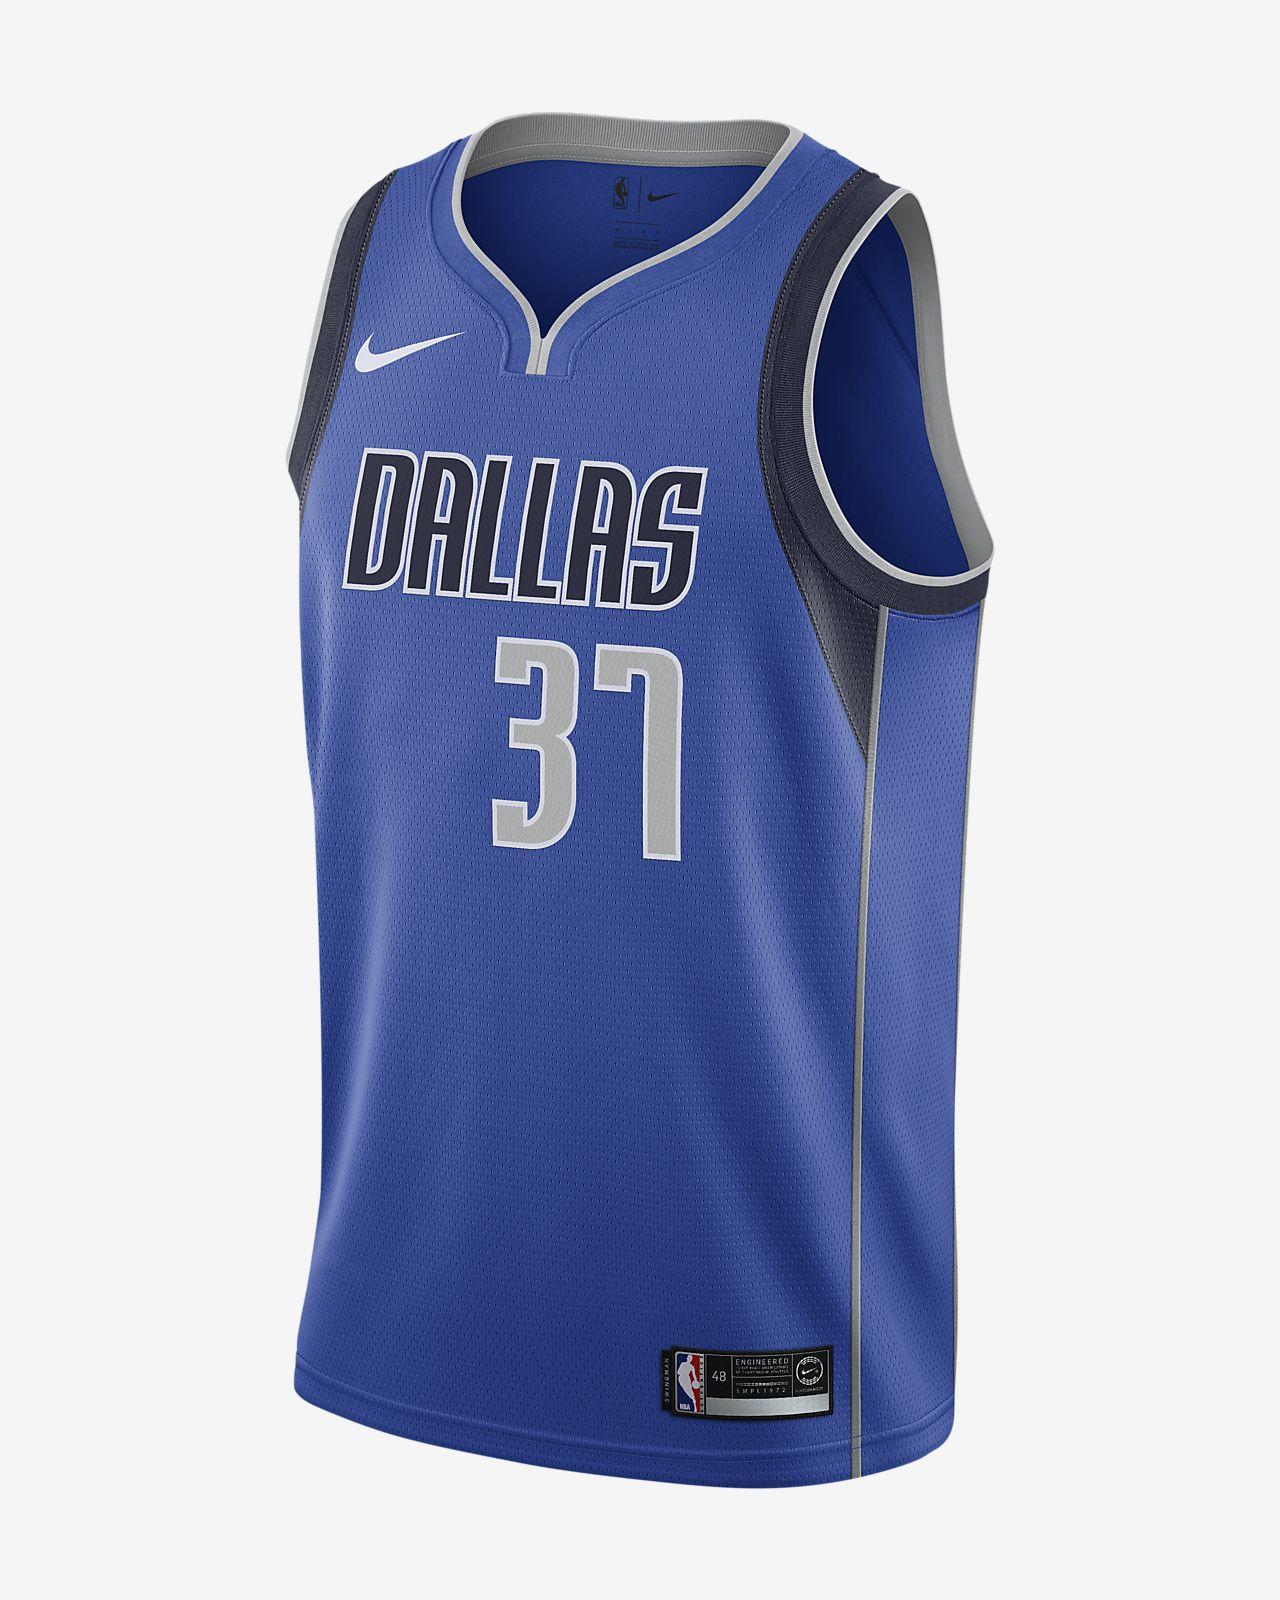 Camiseta conectada Nike NBA para hombre Kostas Antetokounmpo Icon Edition Swingman (Dallas Mavericks)